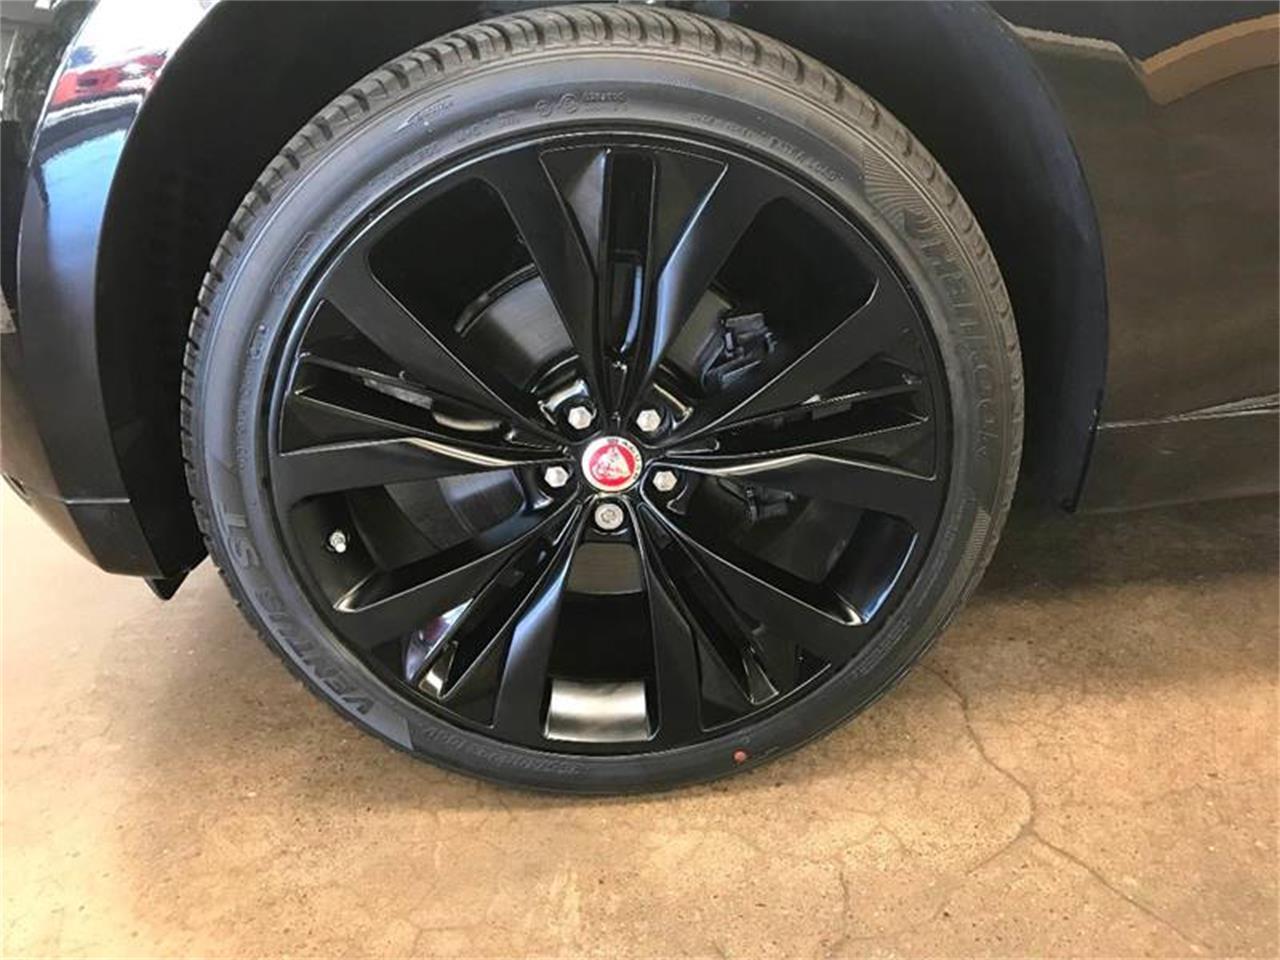 2017 Jaguar F-PACE (CC-1206639) for sale in Allison Park, Pennsylvania